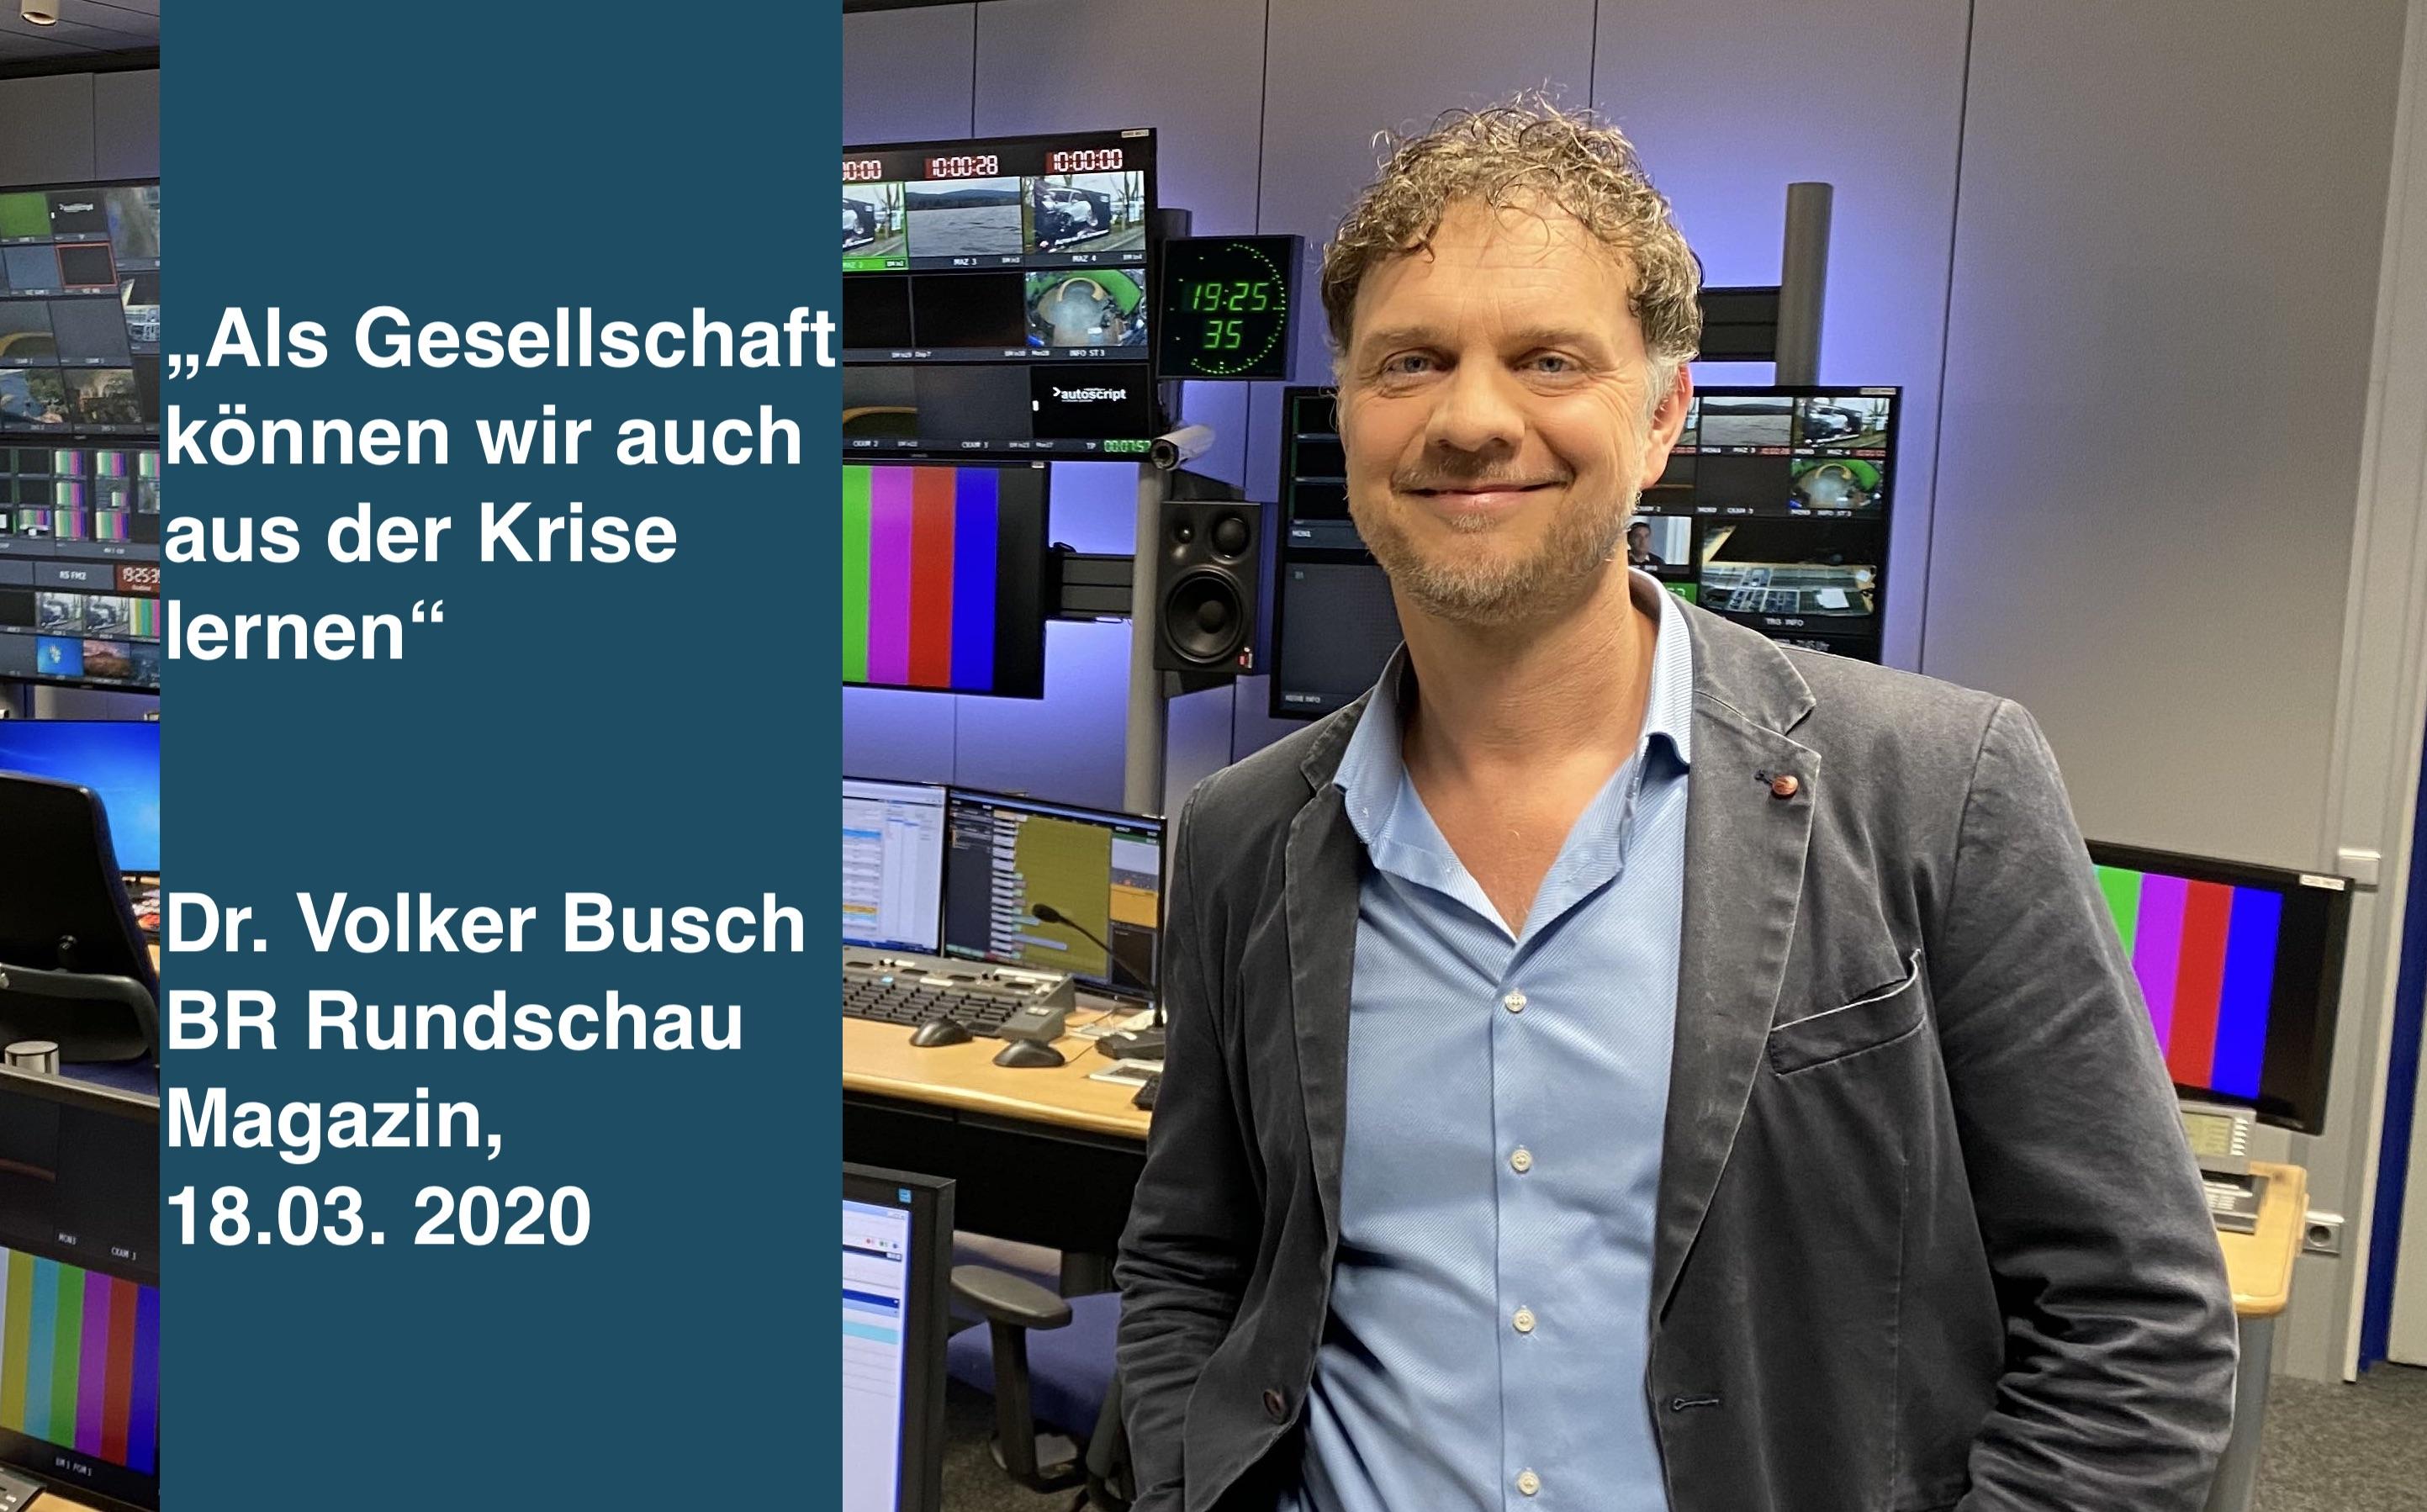 Zu Gast bei BR Rundschau Magazin - Dr. Volker Busch